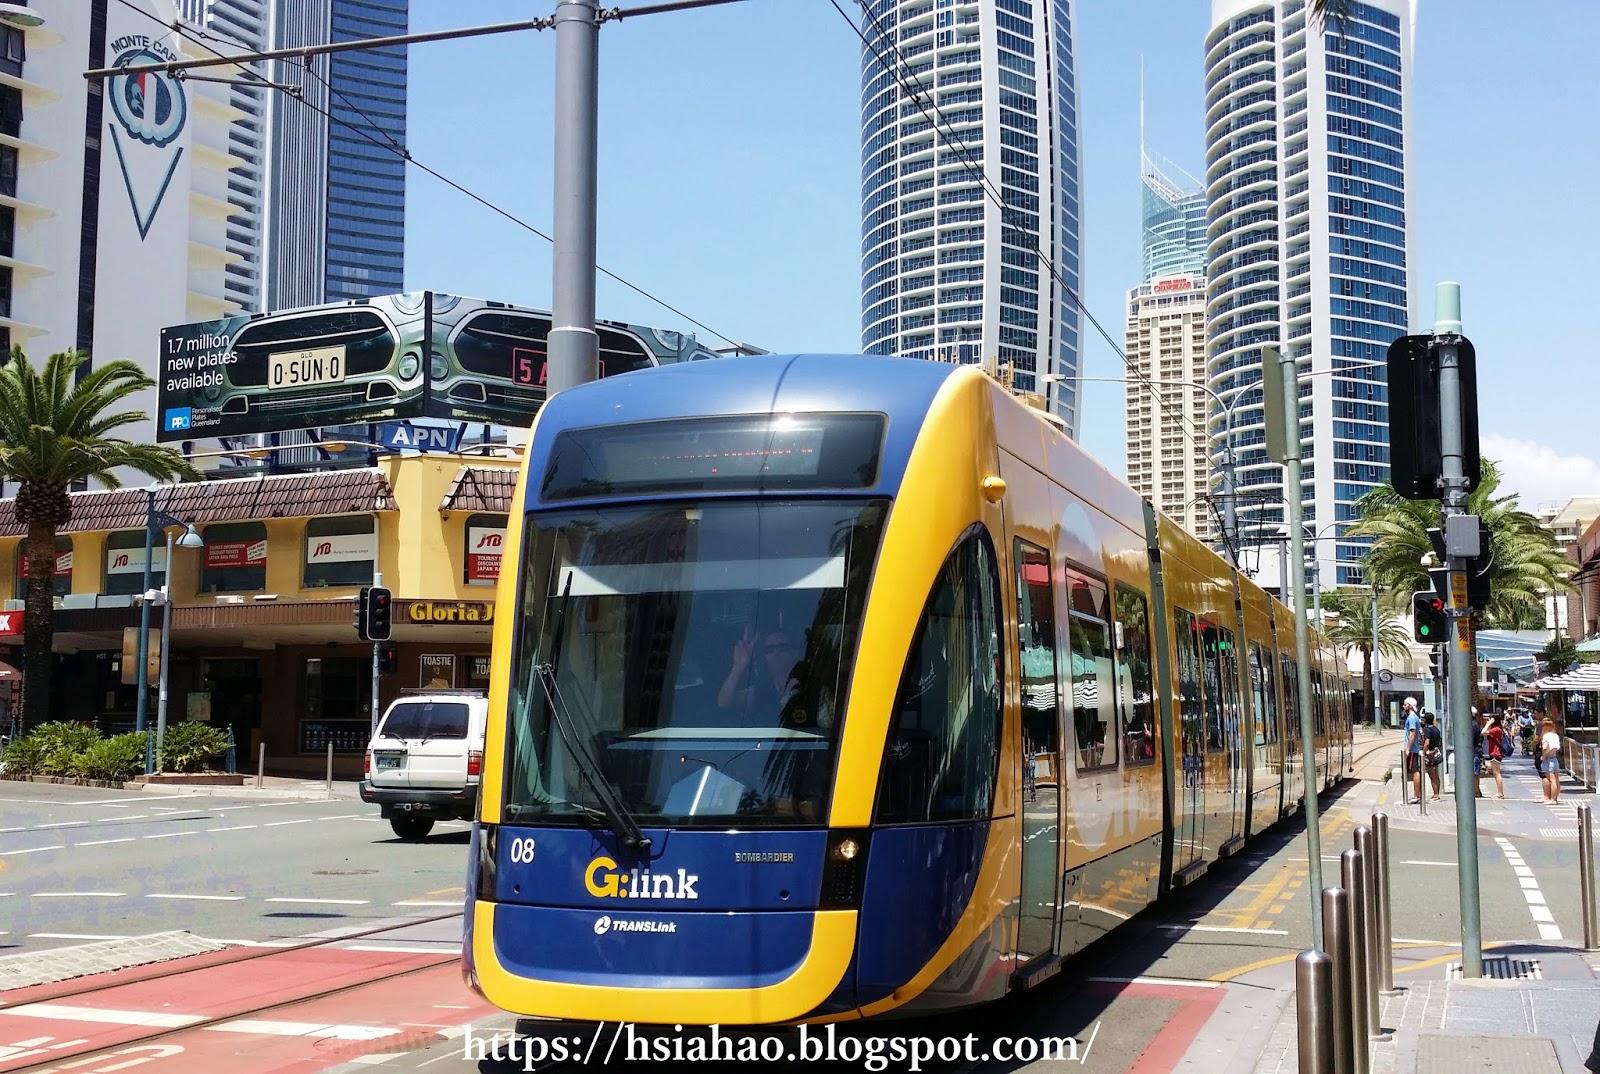 布里斯本-交通-介紹-黃金海岸-巴士-公車-火車-渡輪-輕軌-Brisbane-Gold-Coast-Public-Transport